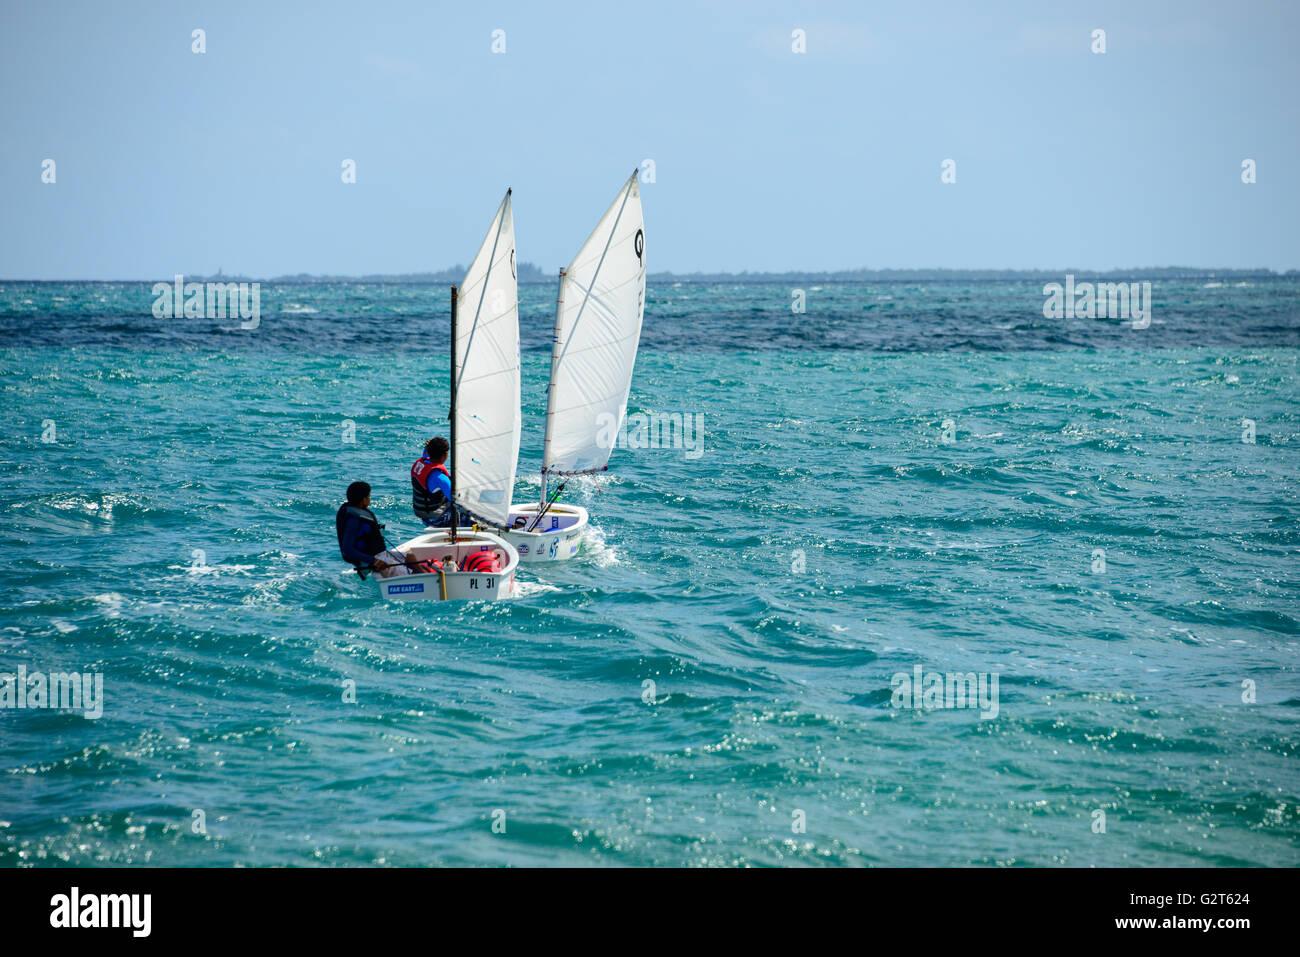 La voile en Placencia, Belize Photo Stock